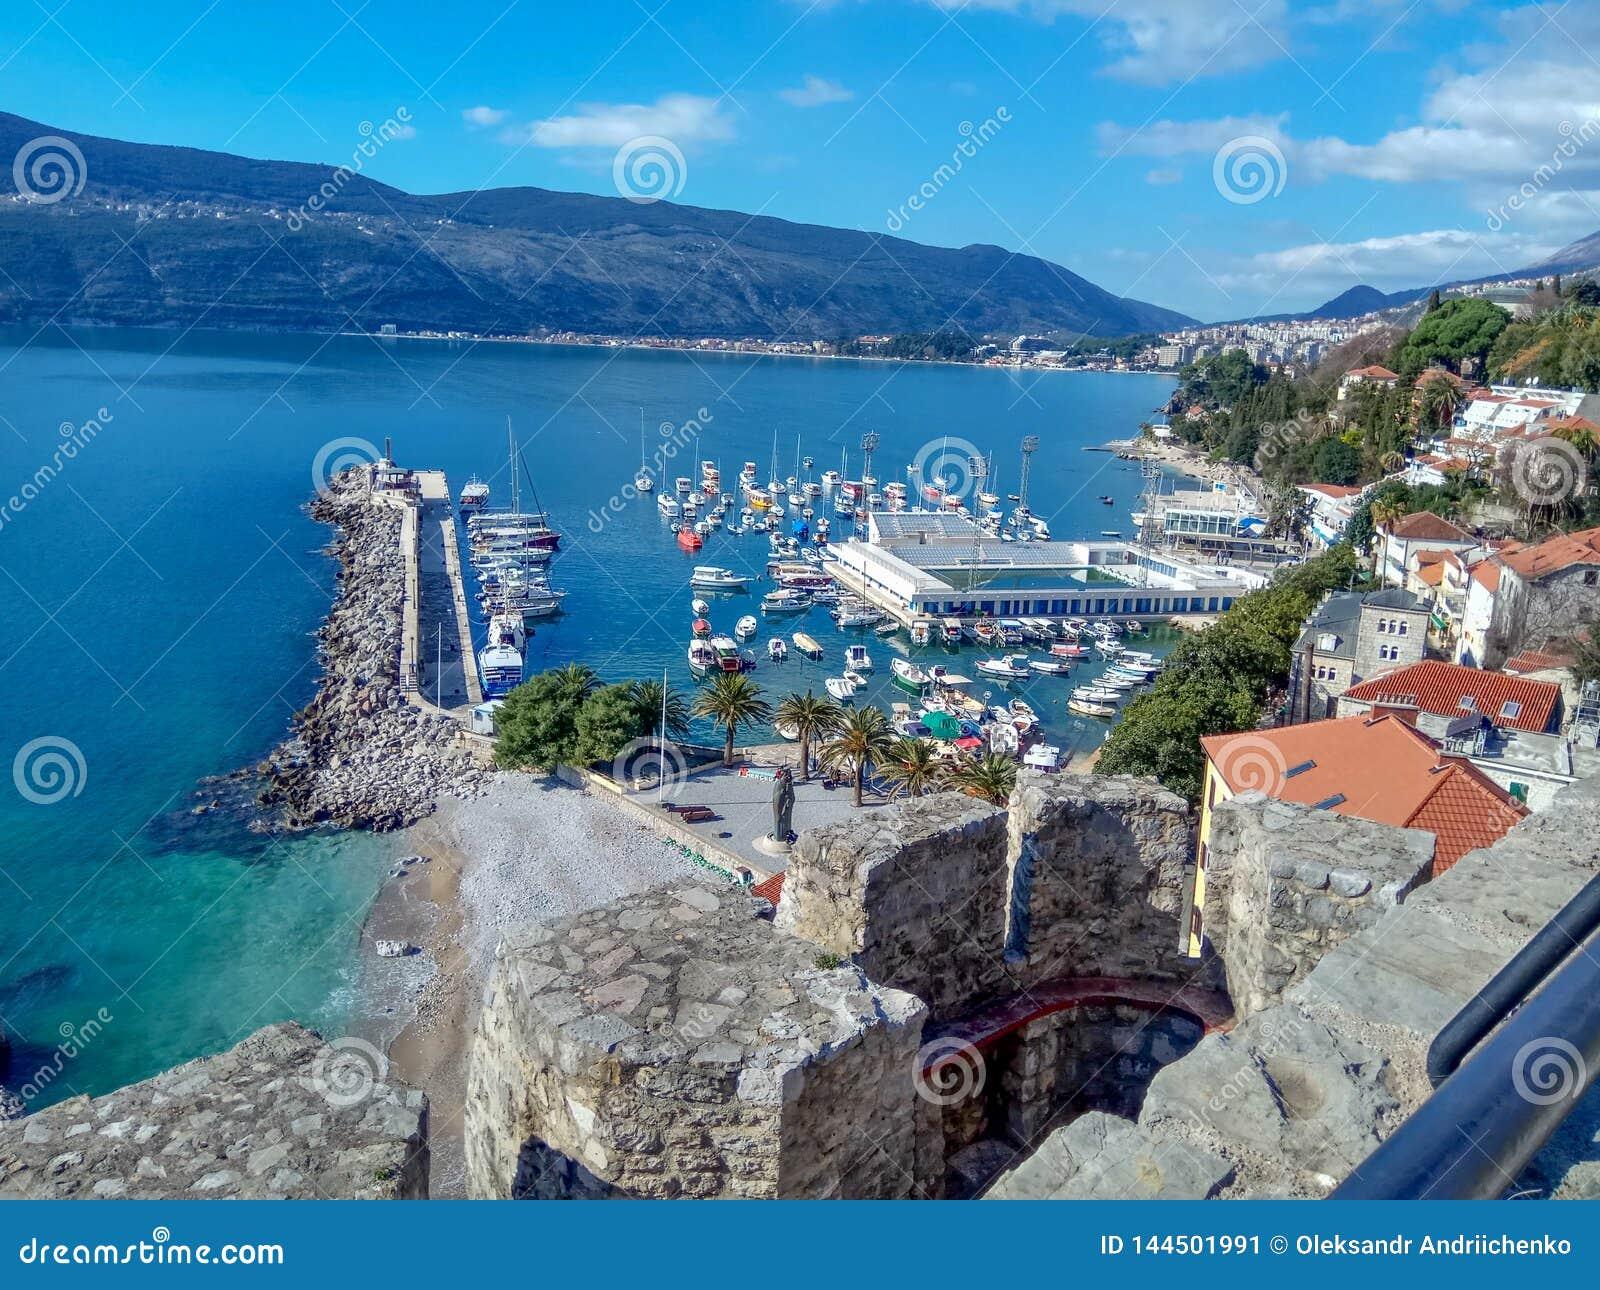 Herceg-Novi, Montenegro: centro de ciudad cerca del agua en el área con un puerto del yate y una piscina